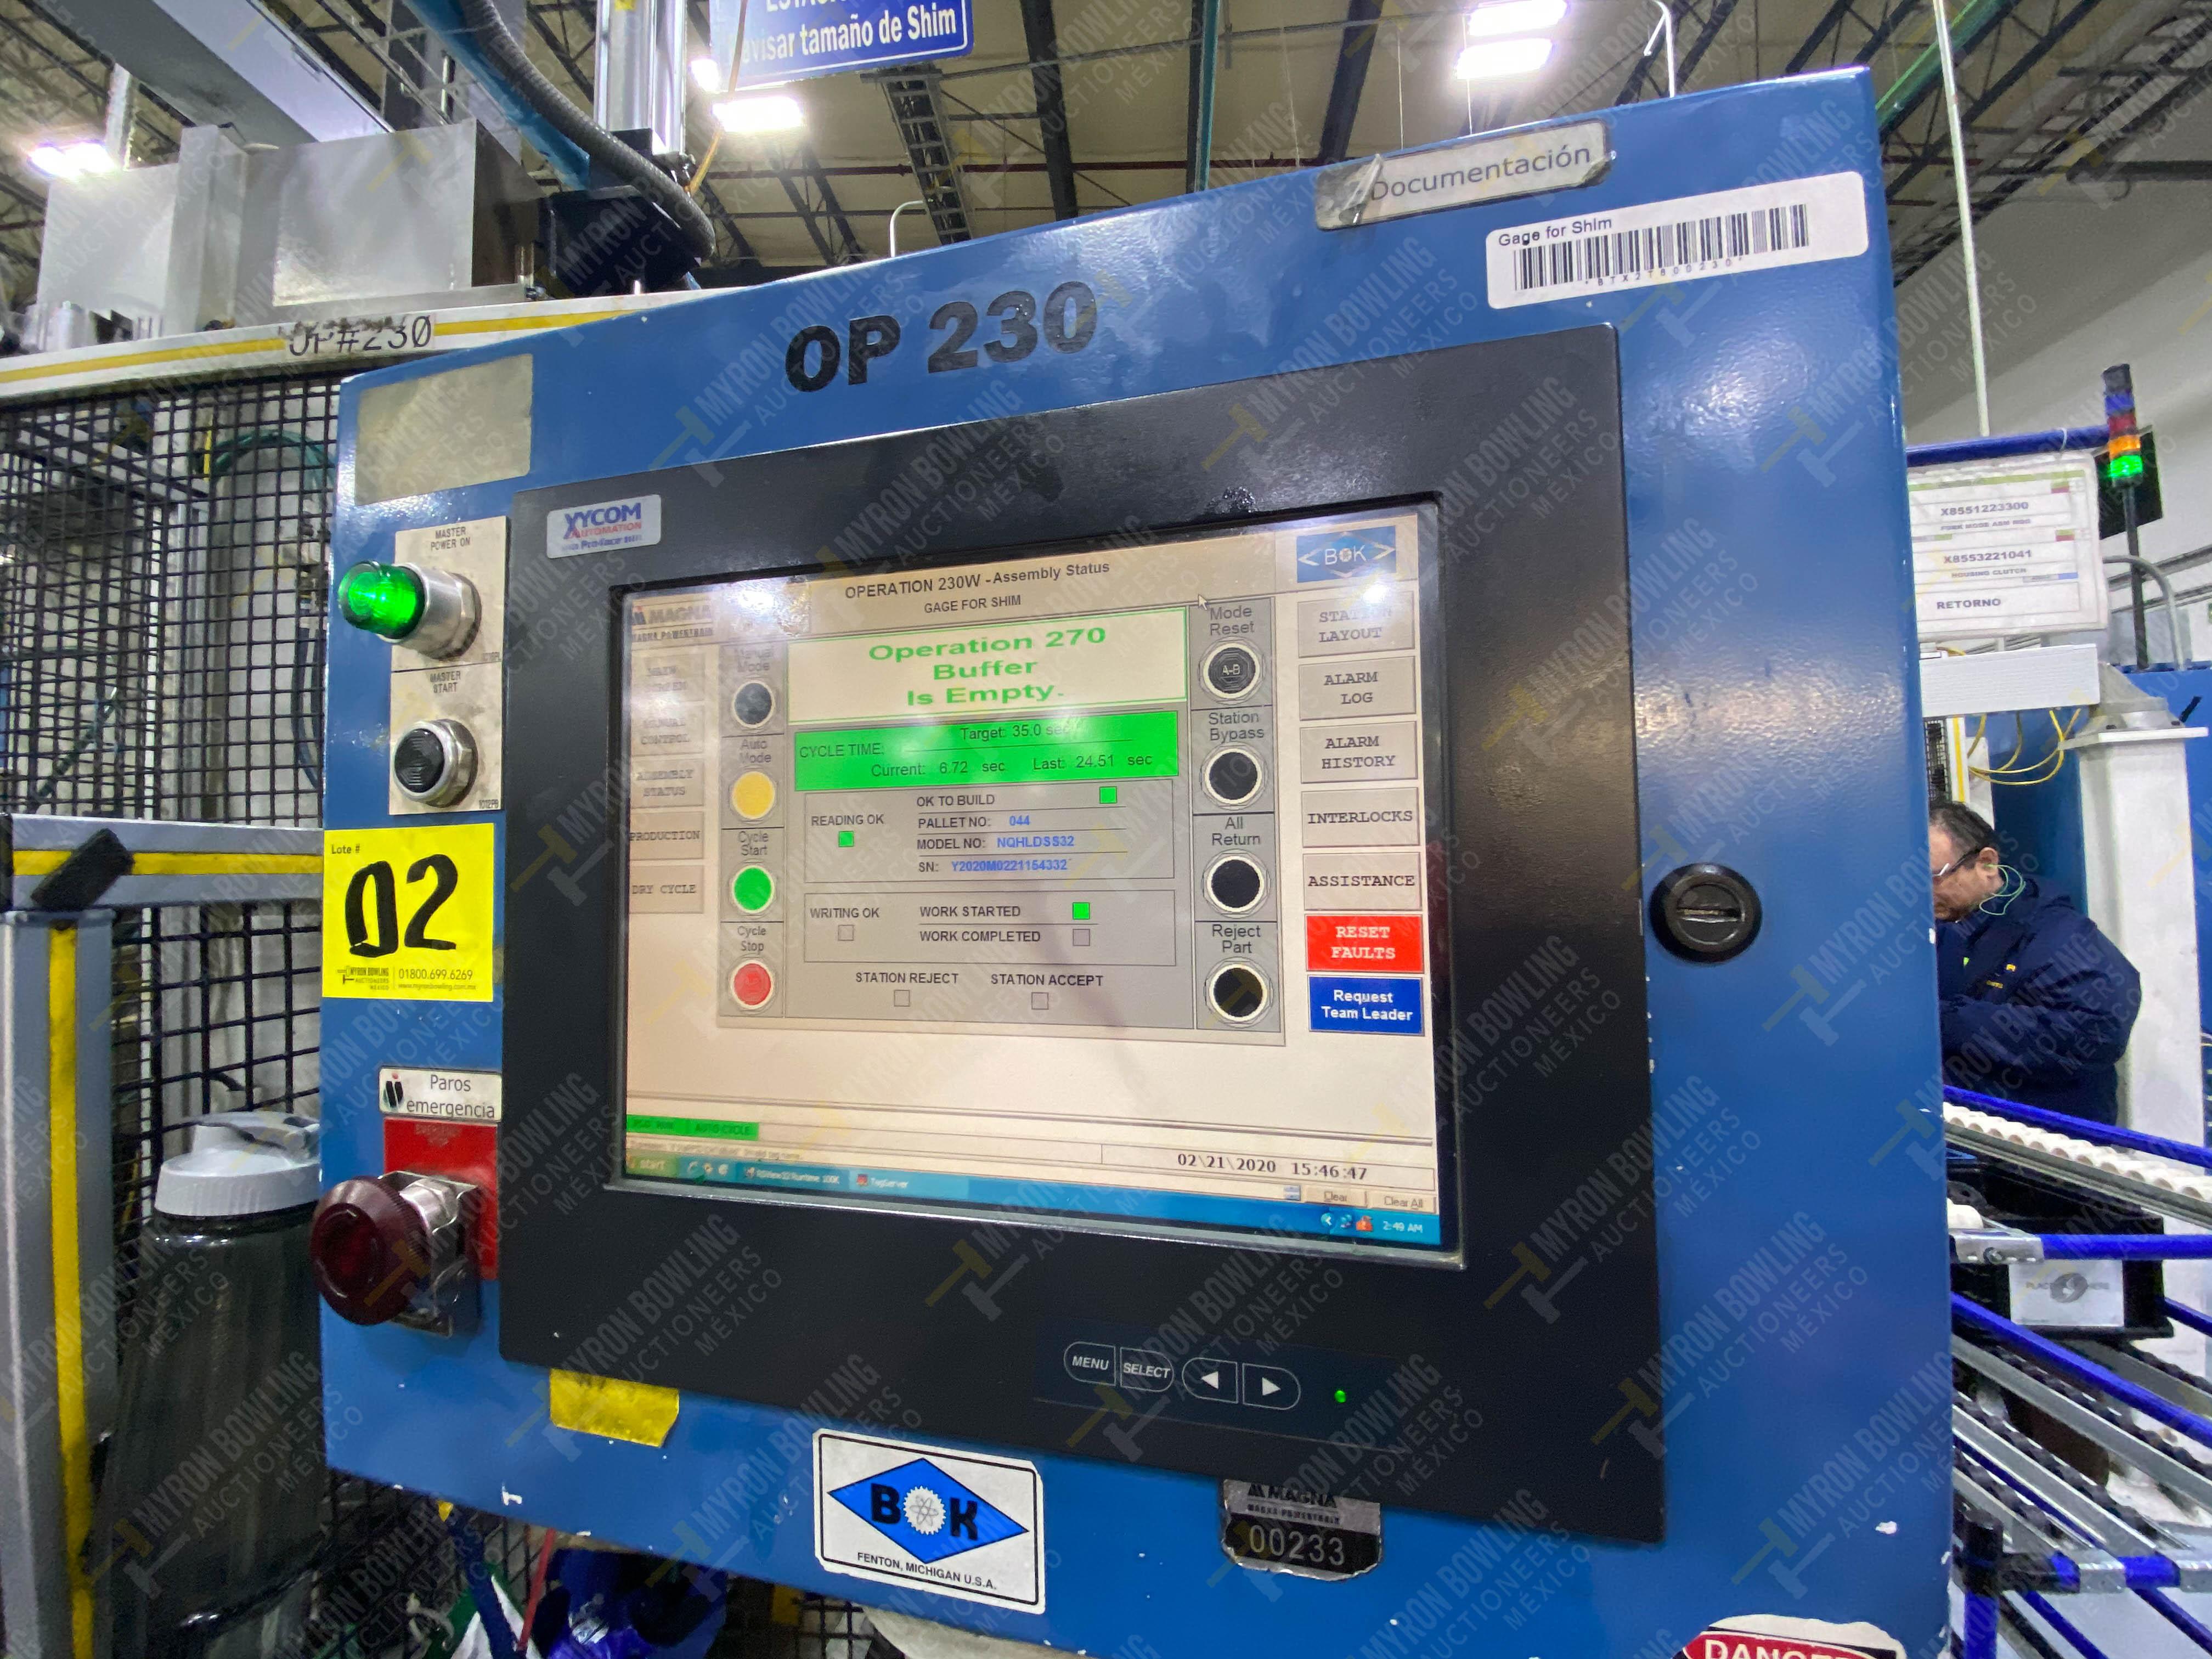 Estación automática para operación 230, para medición de gap - Image 35 of 36